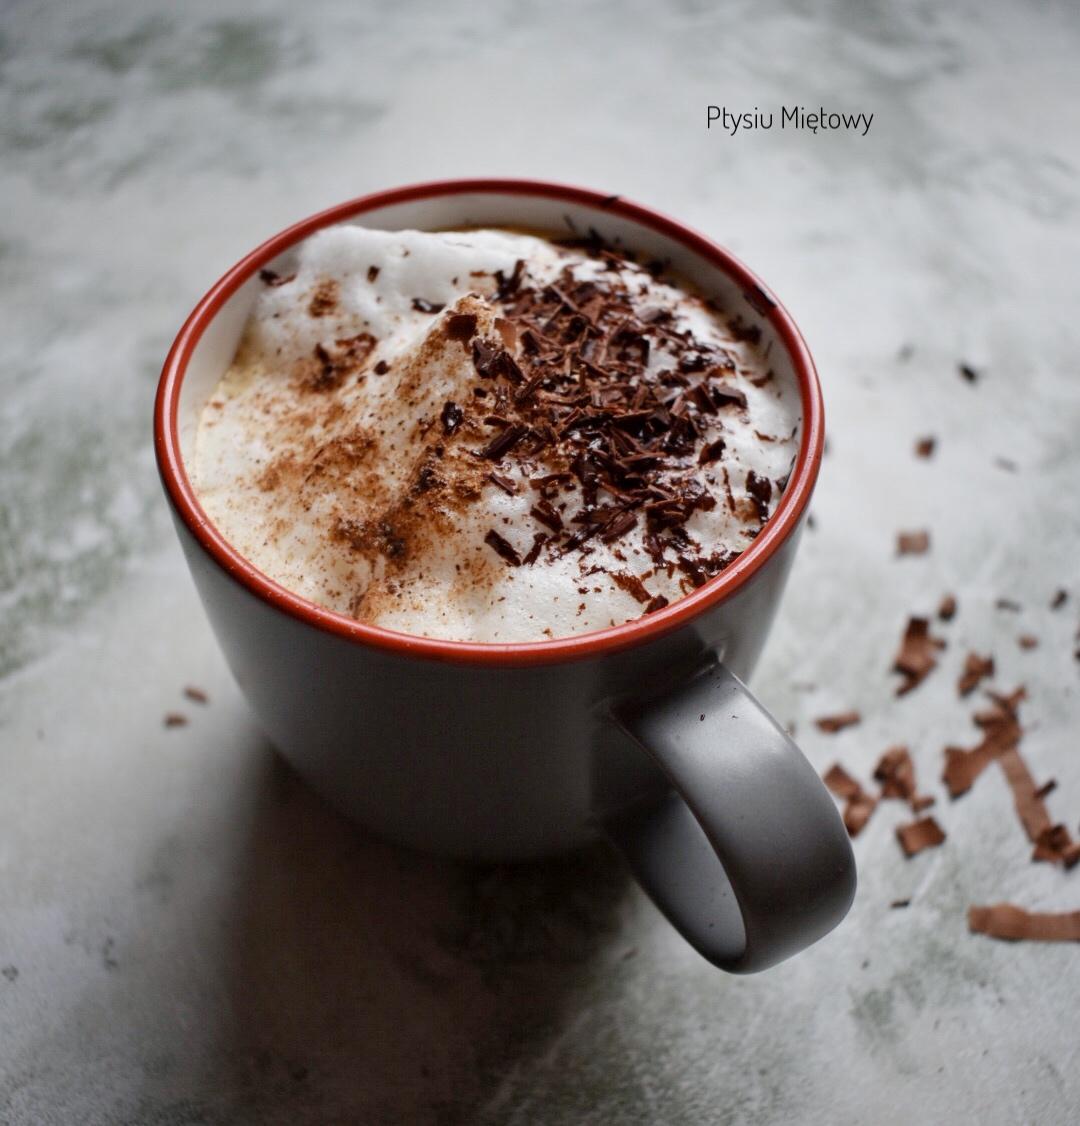 dynia, latte, ptysiu mietowy